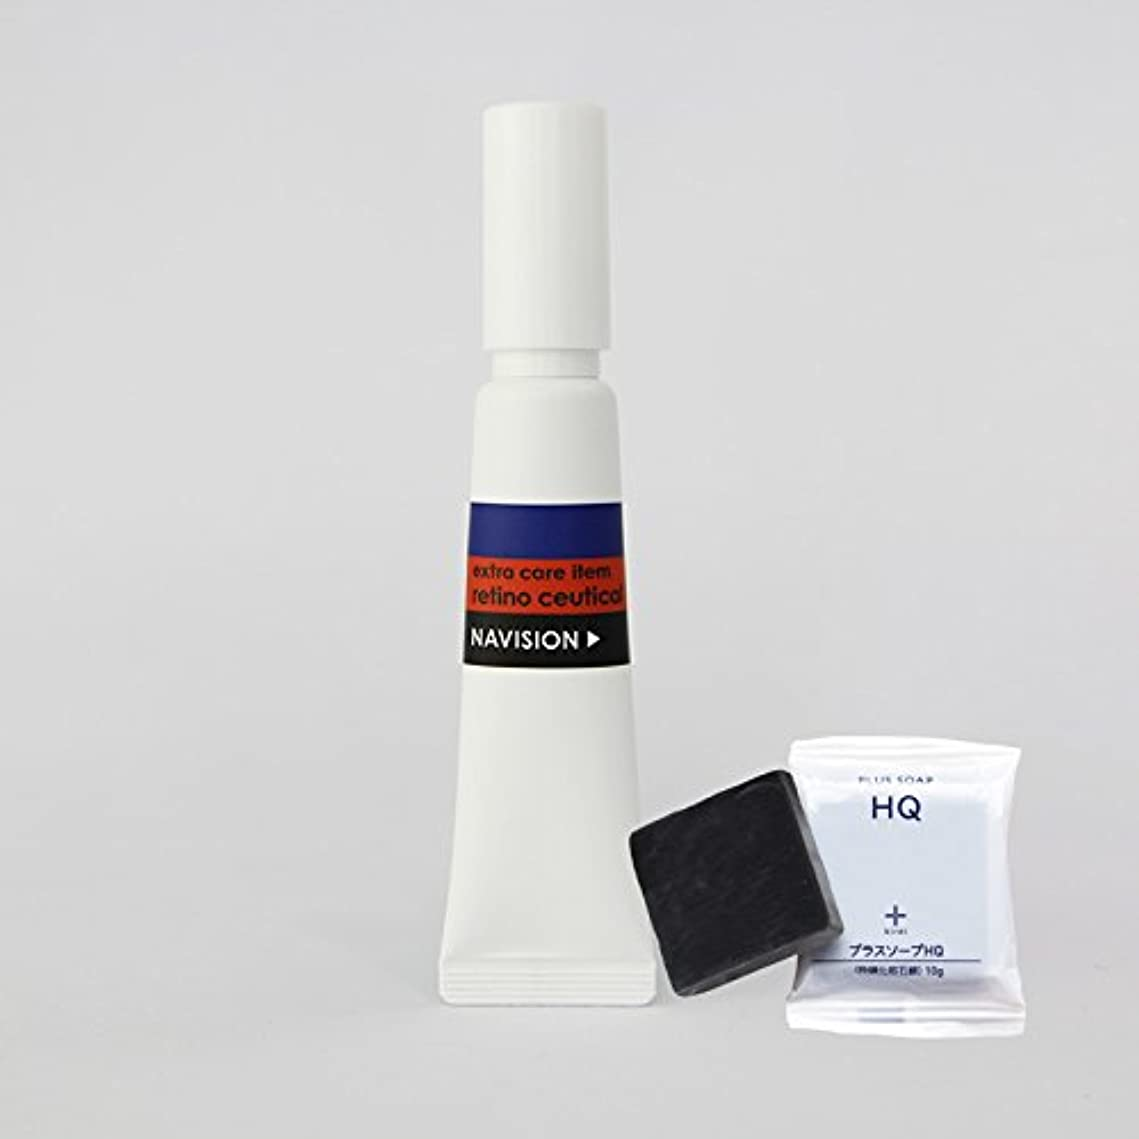 明るくする圧縮する隔離するナビジョン NAVISION レチノシューティカル 15g (医薬部外品) + プラスキレイ プラスソープHQミニ